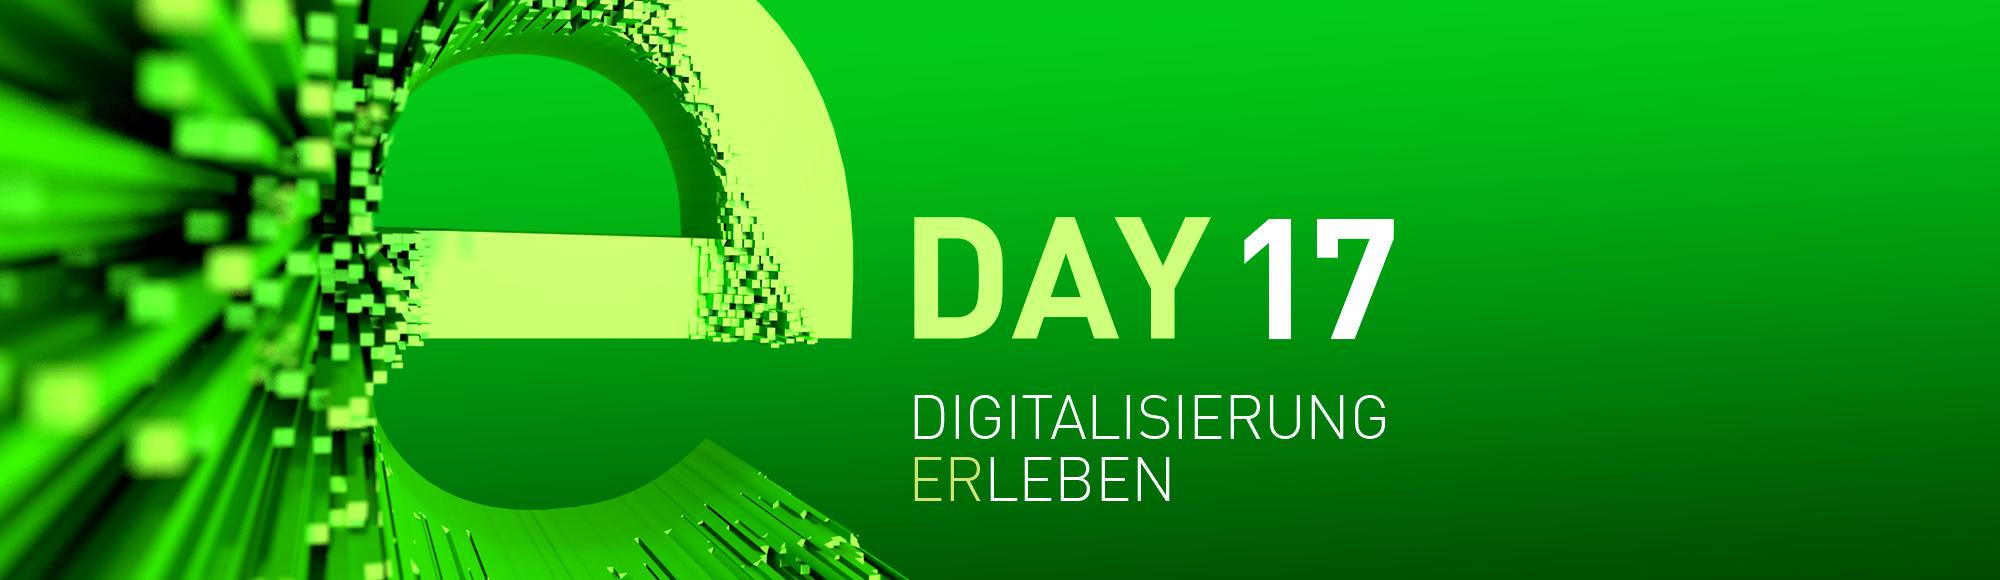 E-Day:17 Digitalisierung erleben